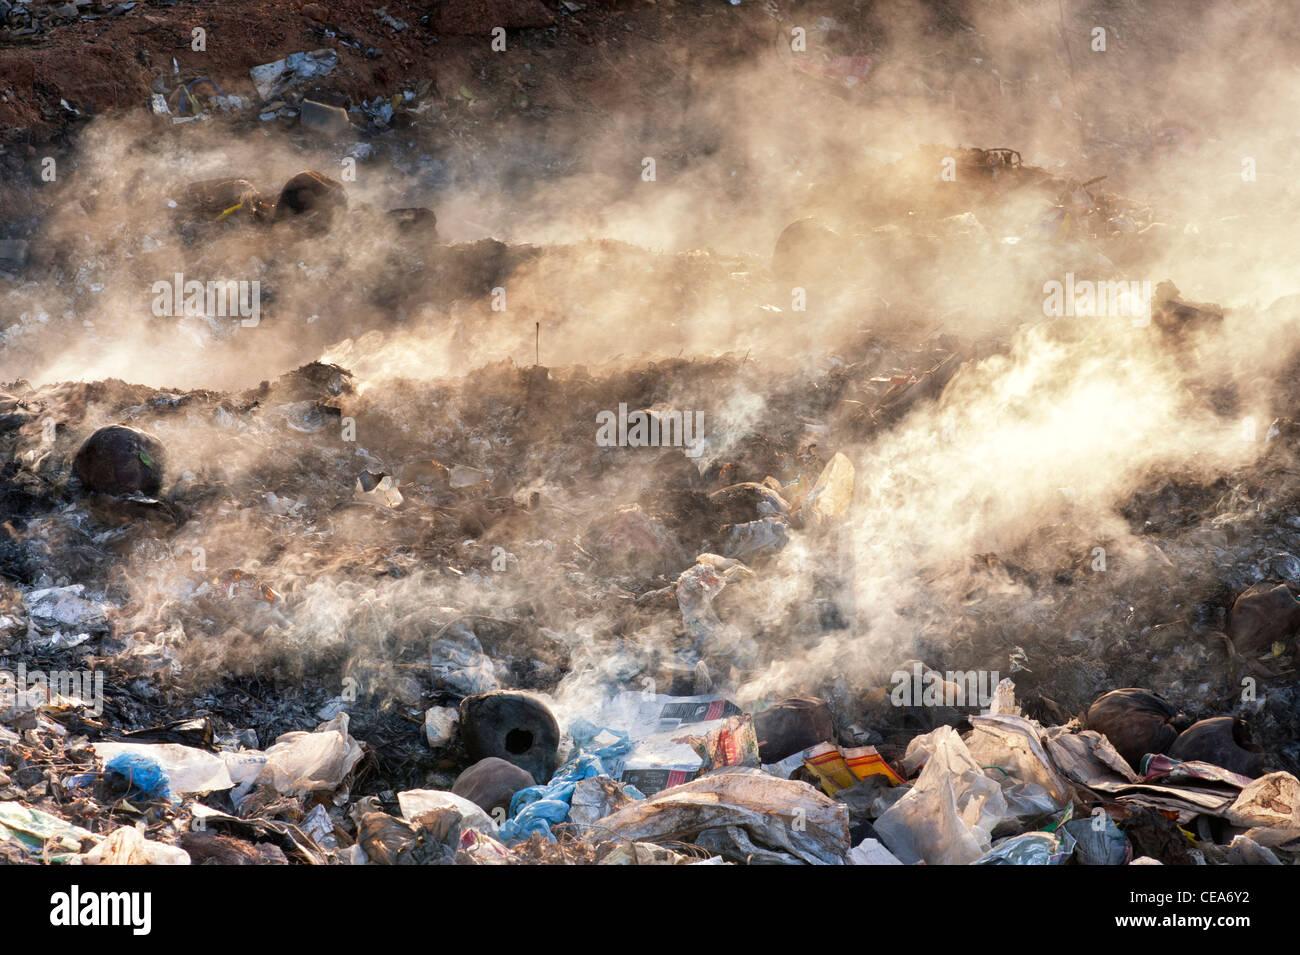 Los residuos domésticos siendo quemados en la carretera en la India Imagen De Stock